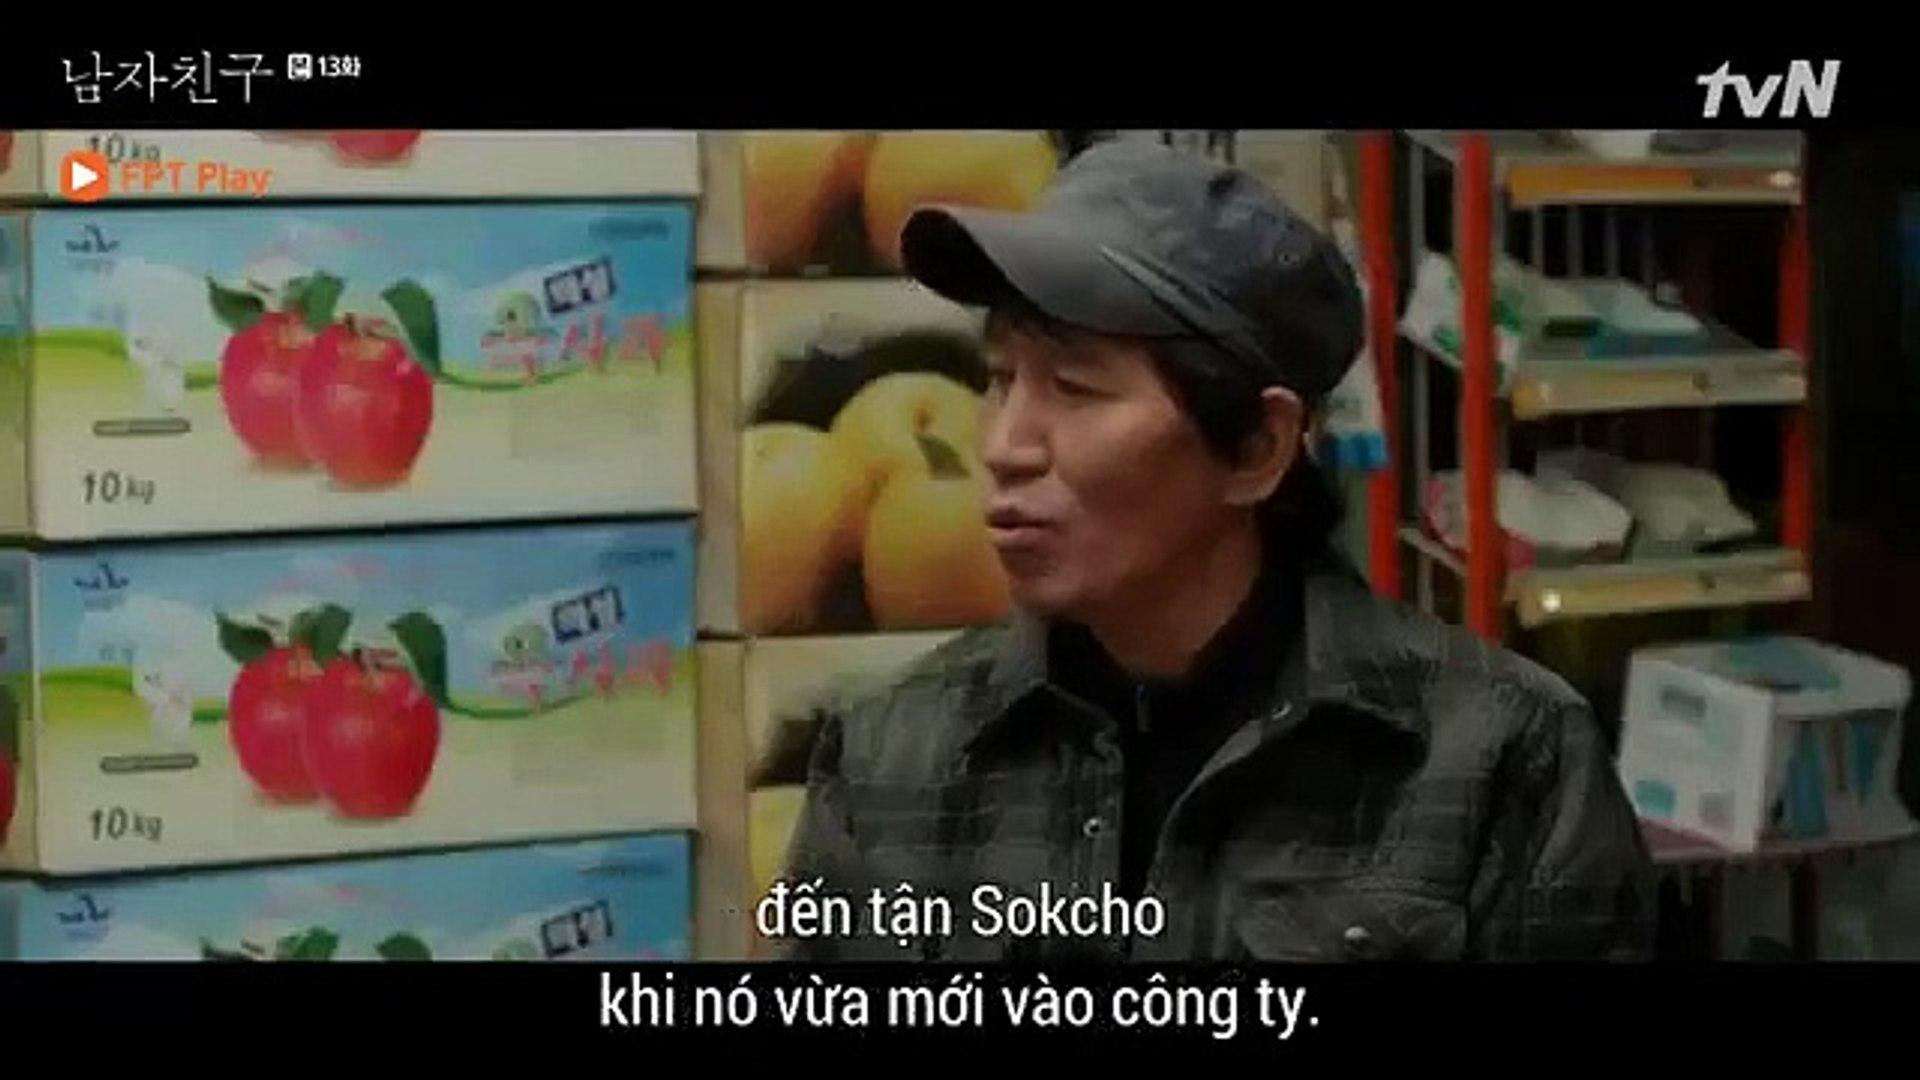 Bạn Trai Tập 21 - HTV2 Lồng Tiếng- Phim Hàn Quốc - Phim Ban Trai Tap 22 - Phim Ban Trai Tap 21